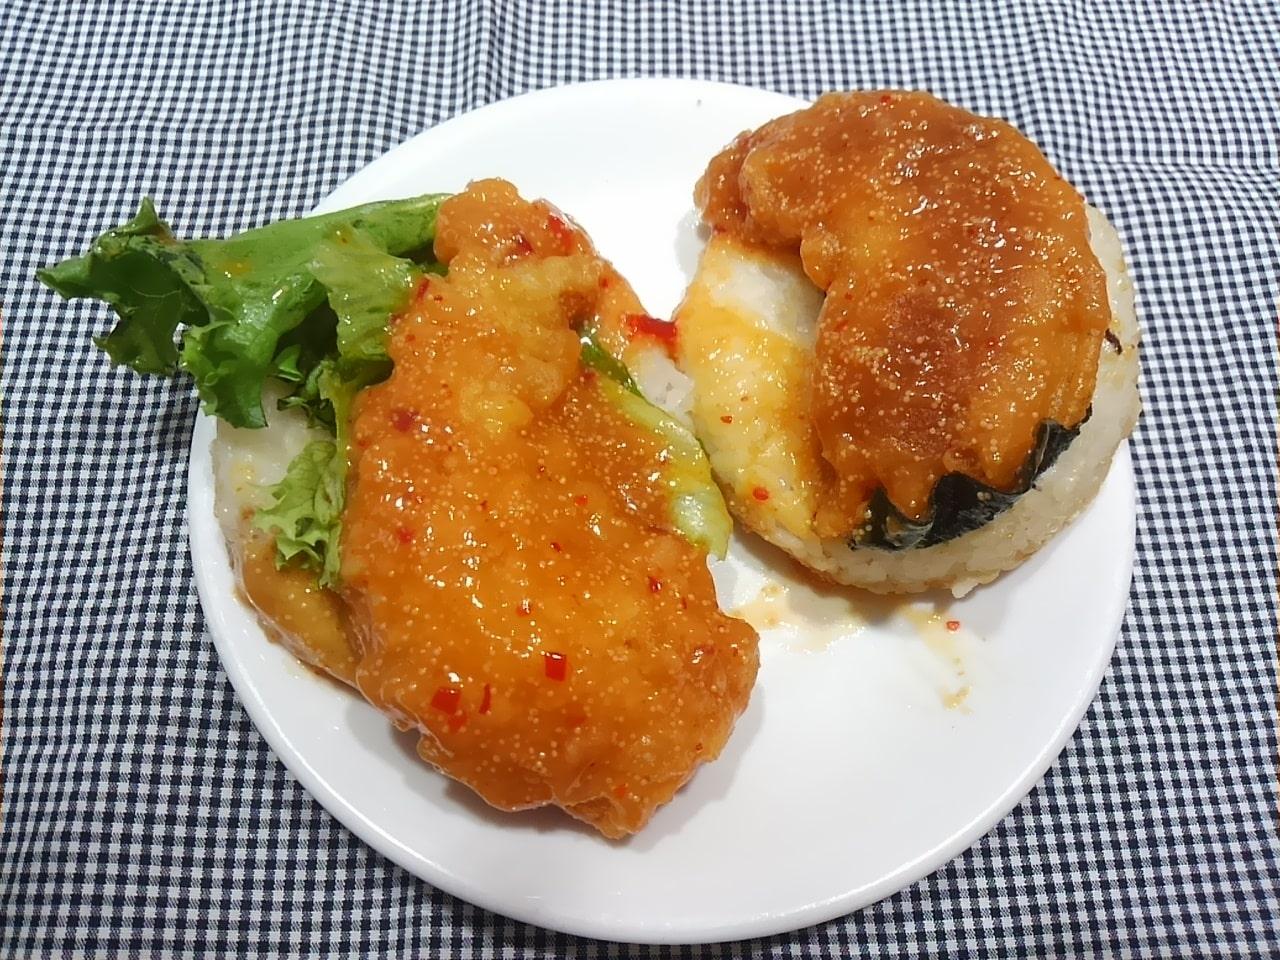 モスバーガーのモスライスバーガー海老天めんたい味の感想・口コミ・カロリー・値段